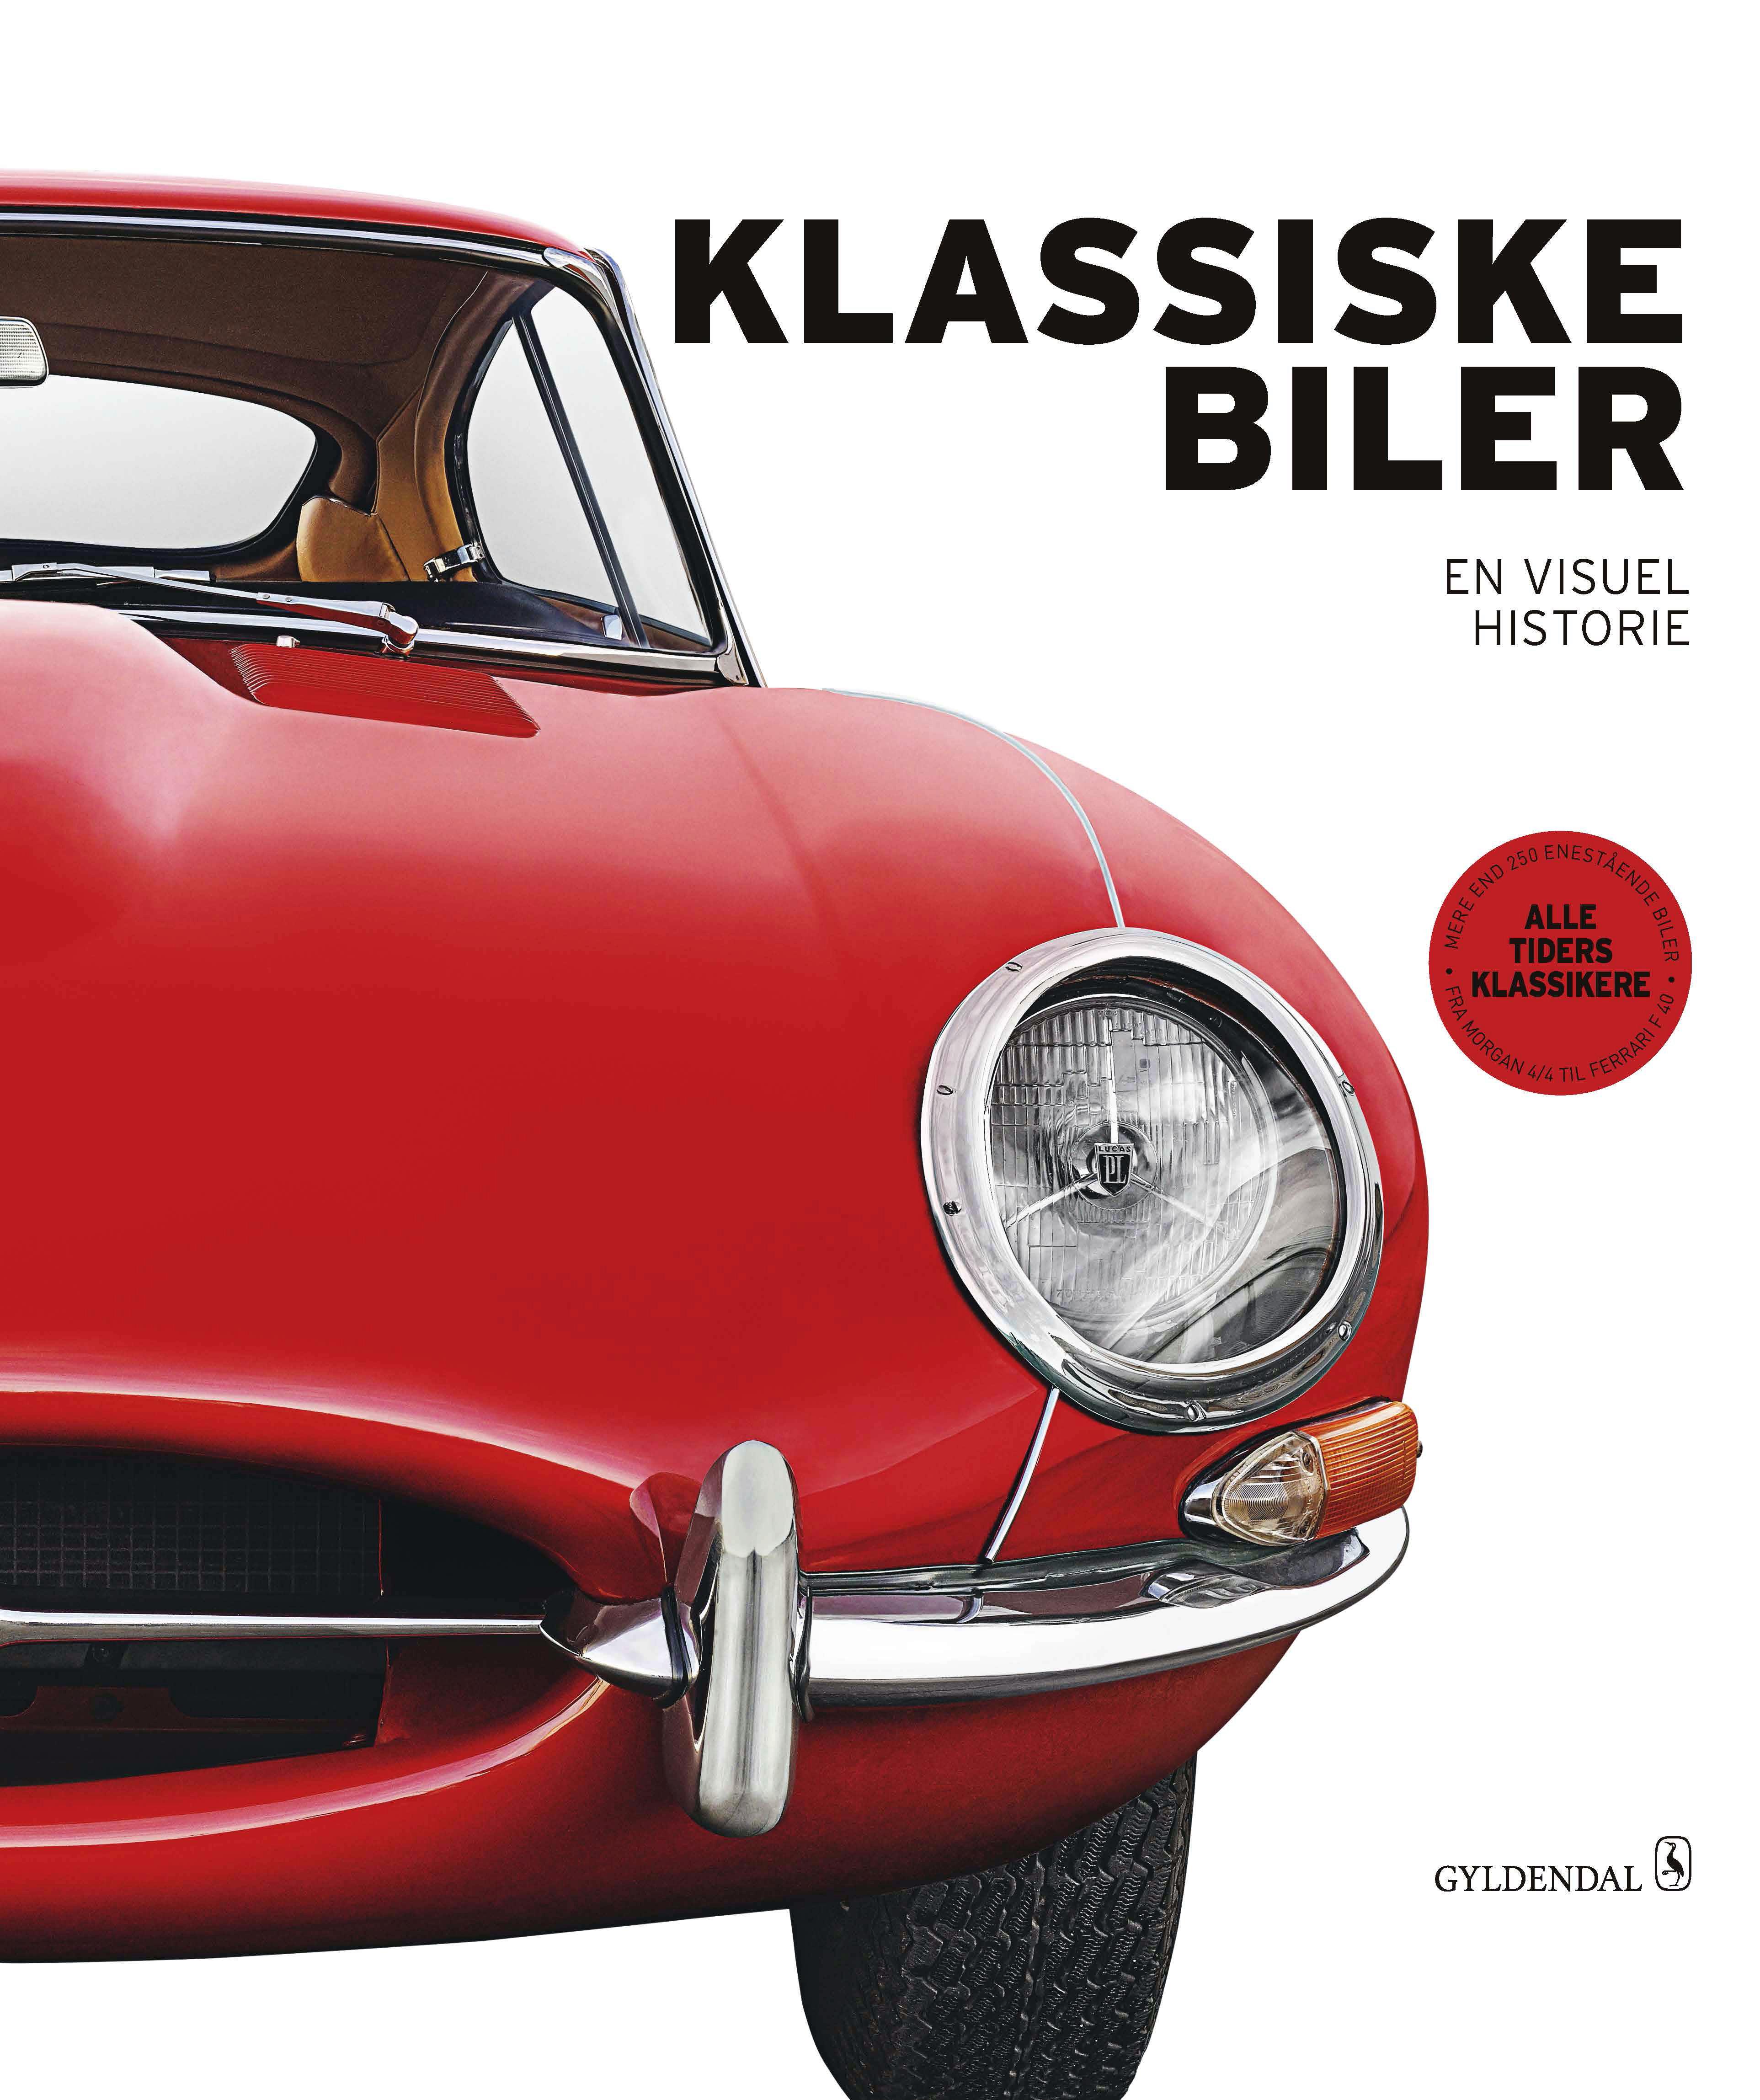 Klassiske biler - Giles Chapman - Bøger - Gyldendal - 9788702231670 - October 3, 2017